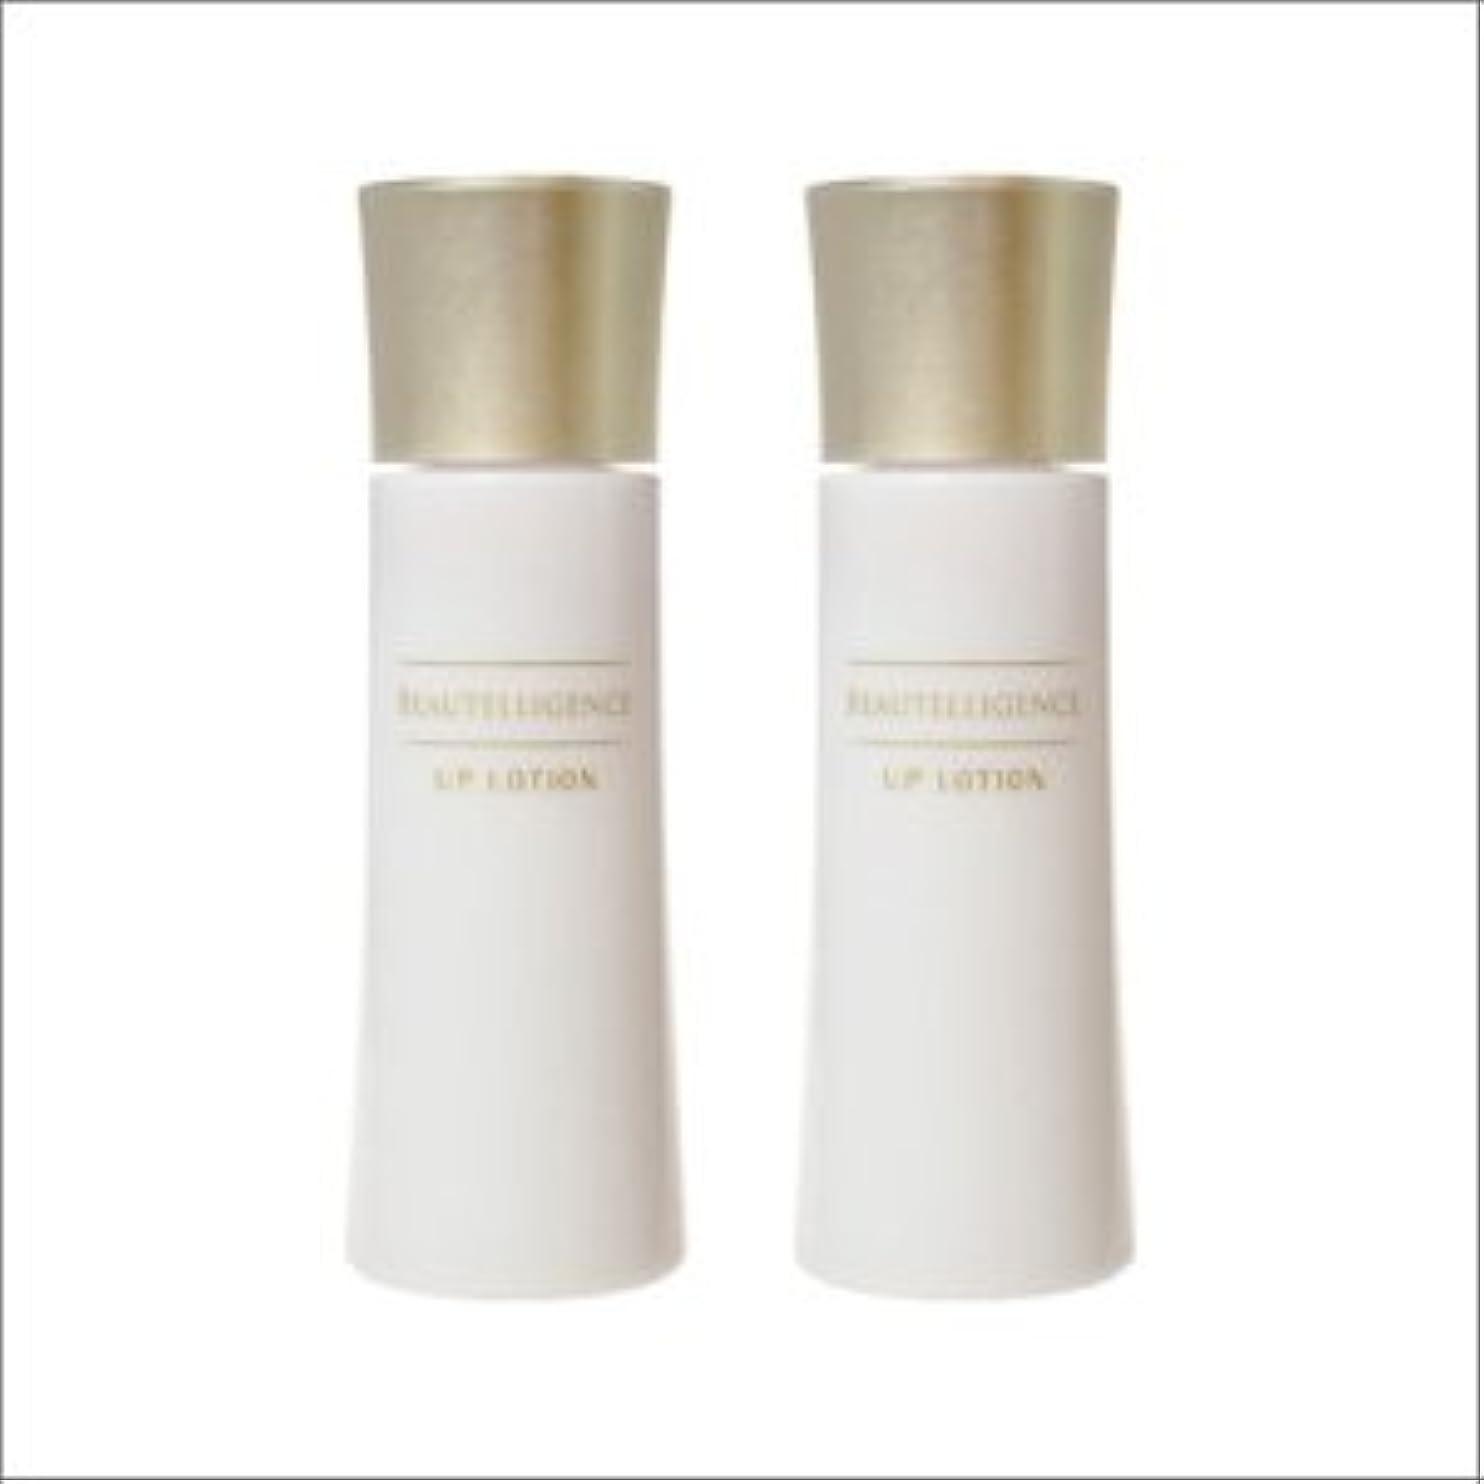 訴えるブランク楽しい2本セット アップローション ひきしめ 化粧水 美容液 ハリ NEWA オシリフト グリシルグリシンエイジングケア